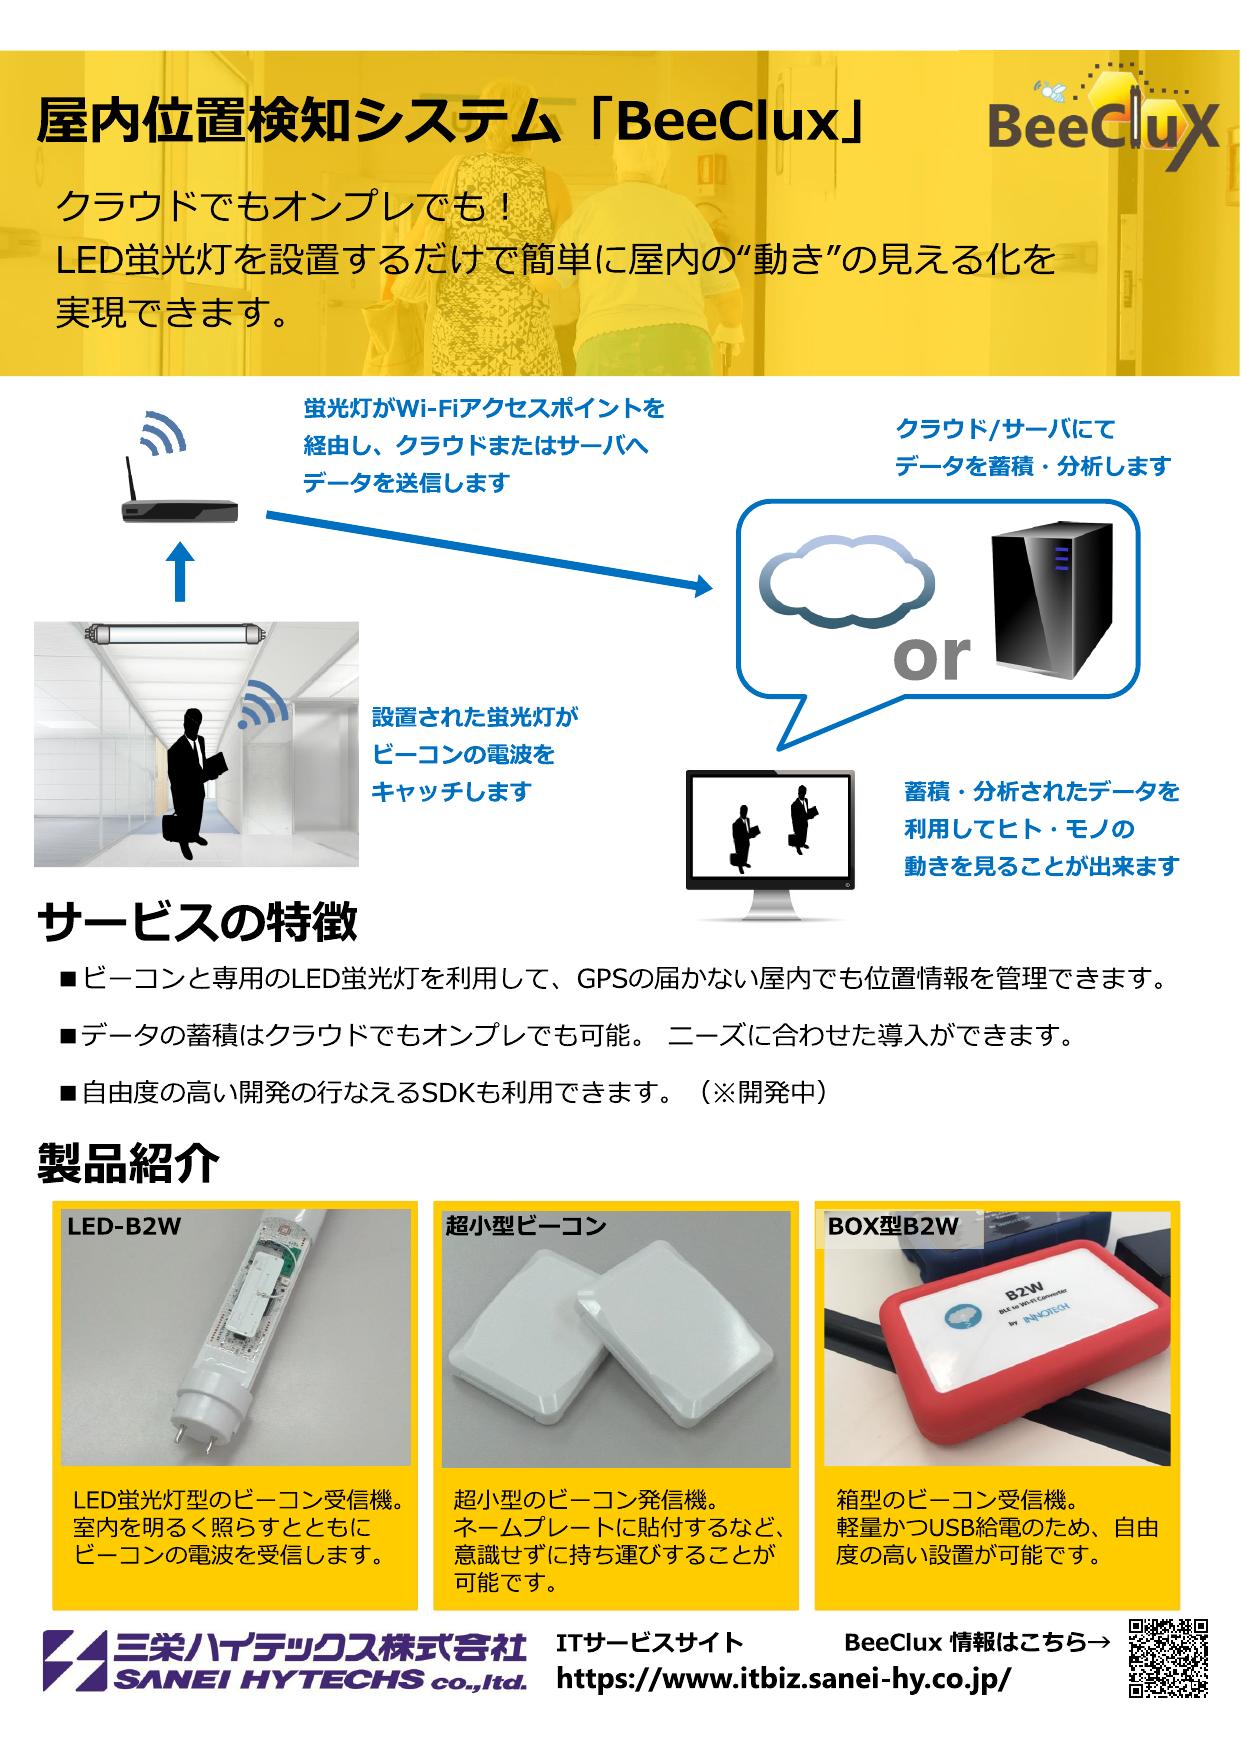 三栄ハイテックス株式会社【IoT展 2017春】 IoT 出展製品一覧